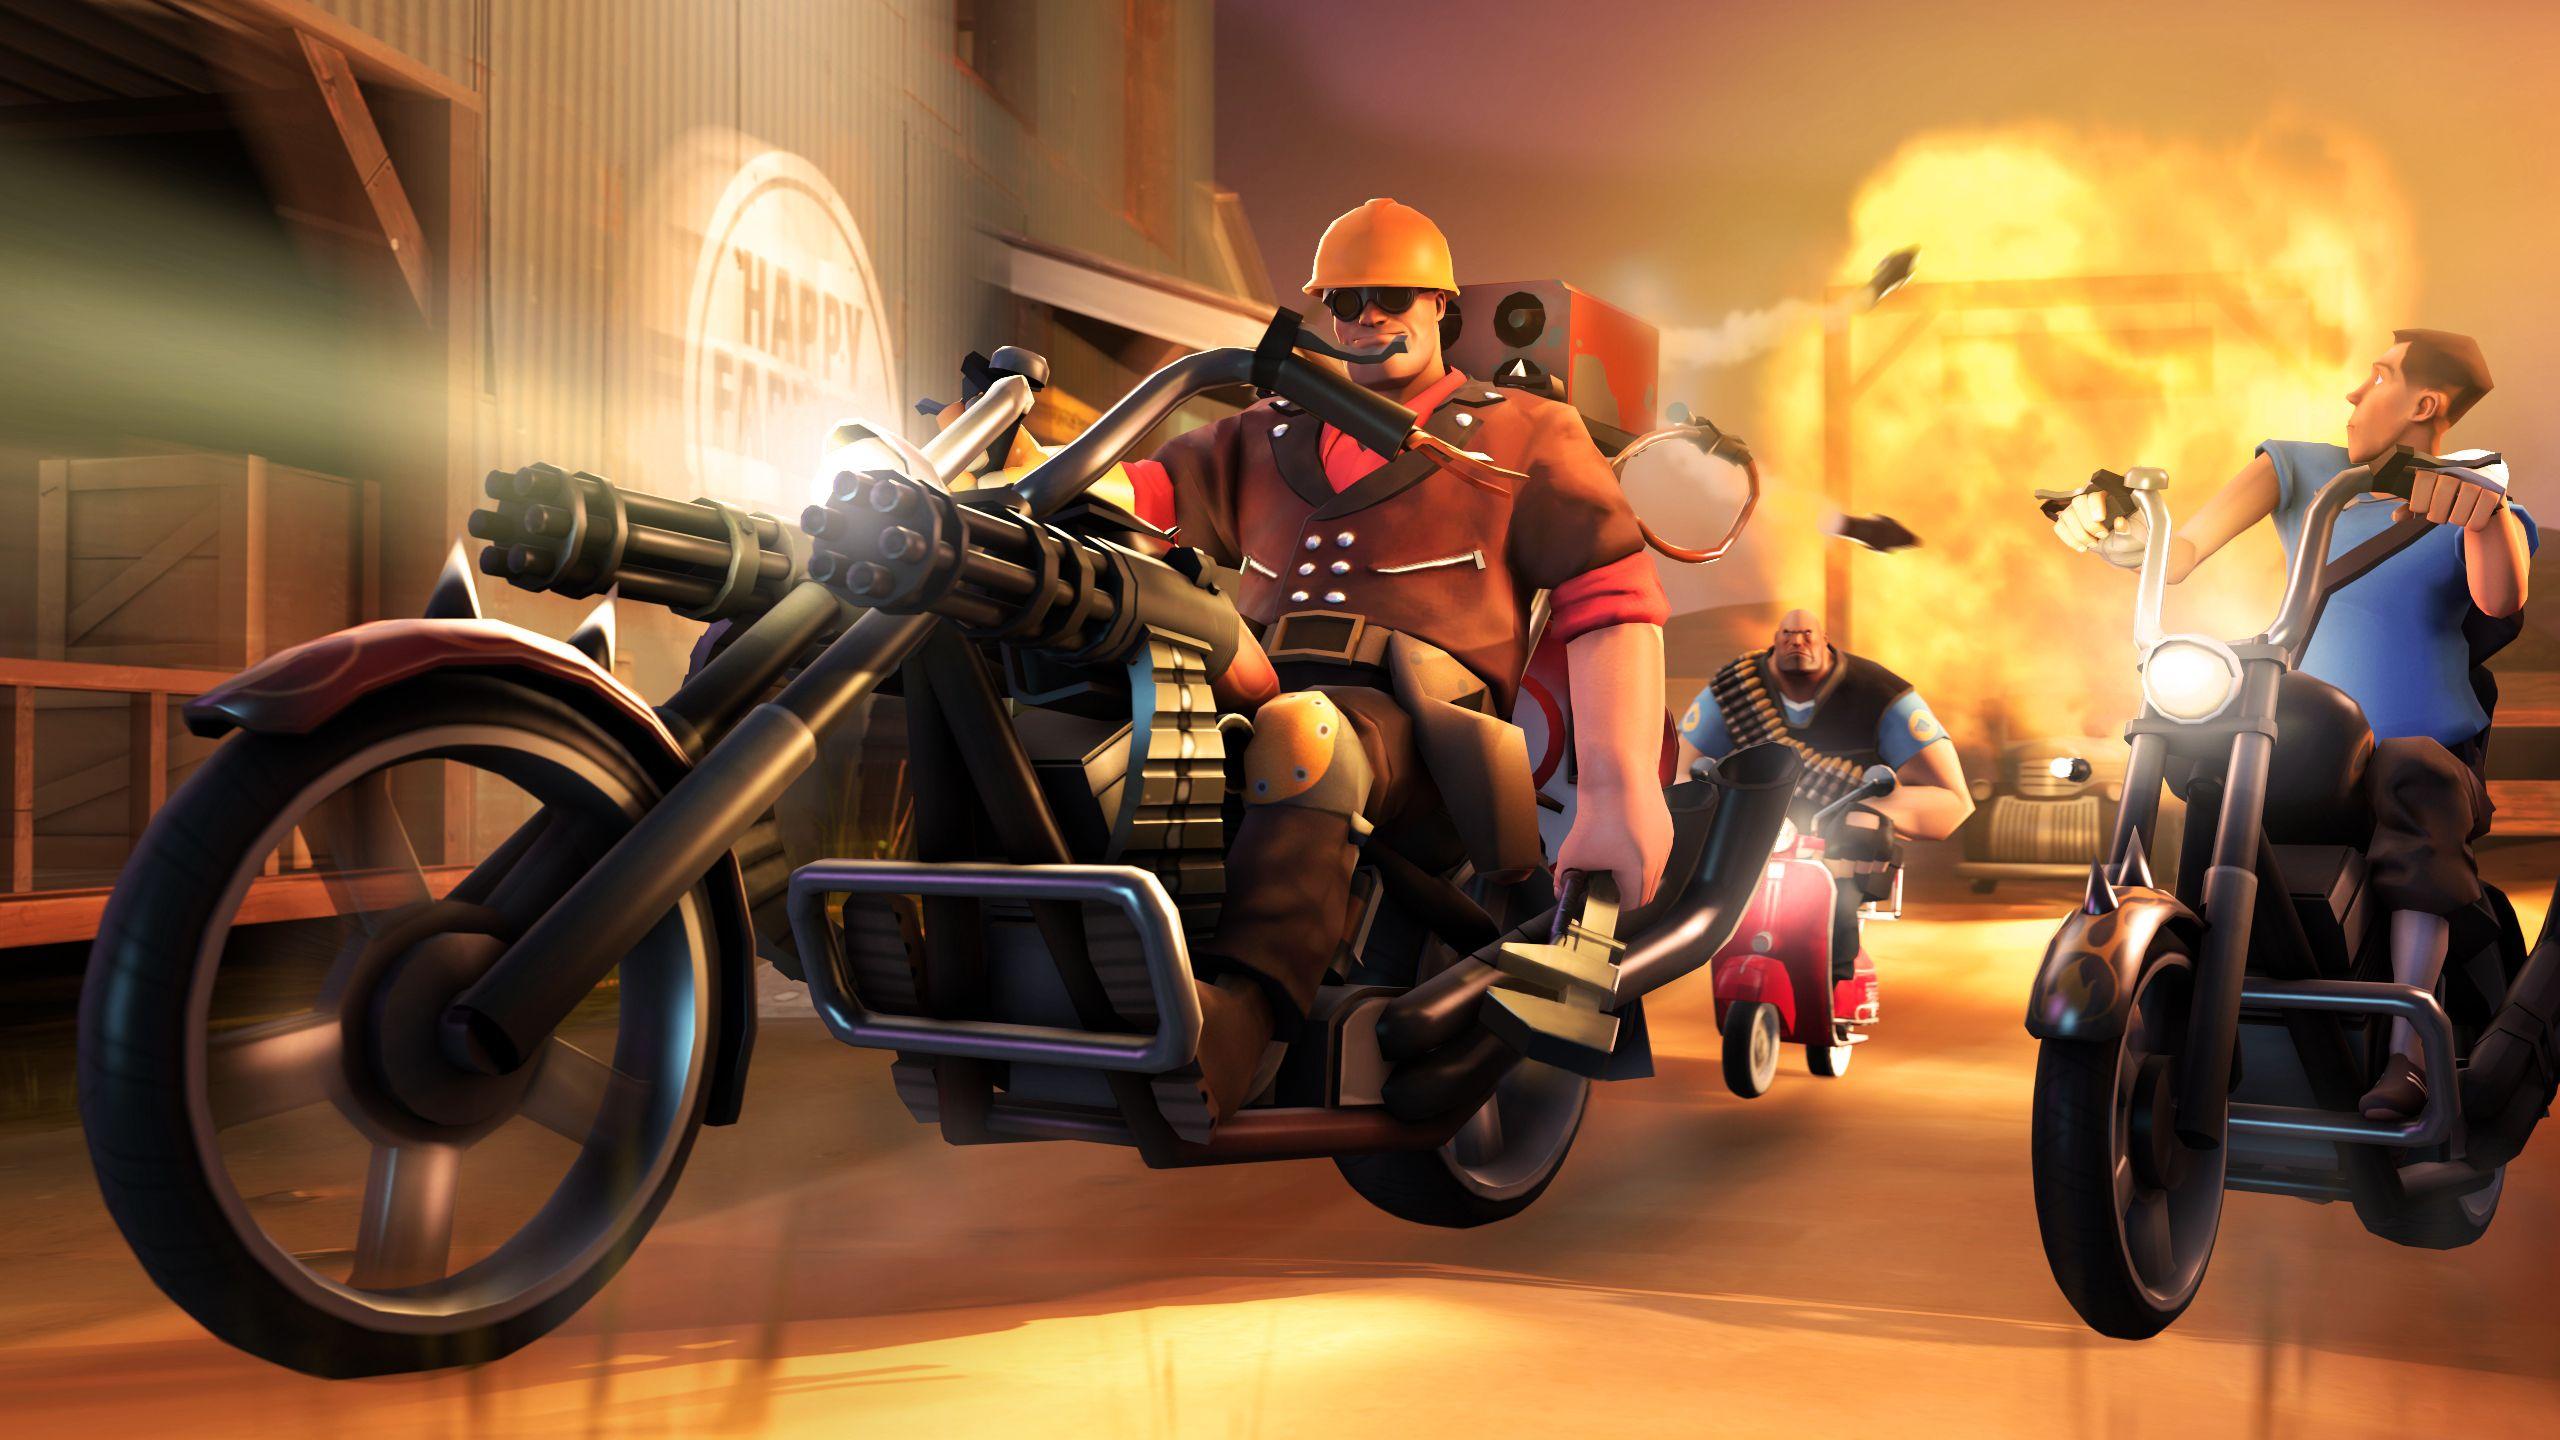 Steam Workshop::Team Fortress 2 Models/Props